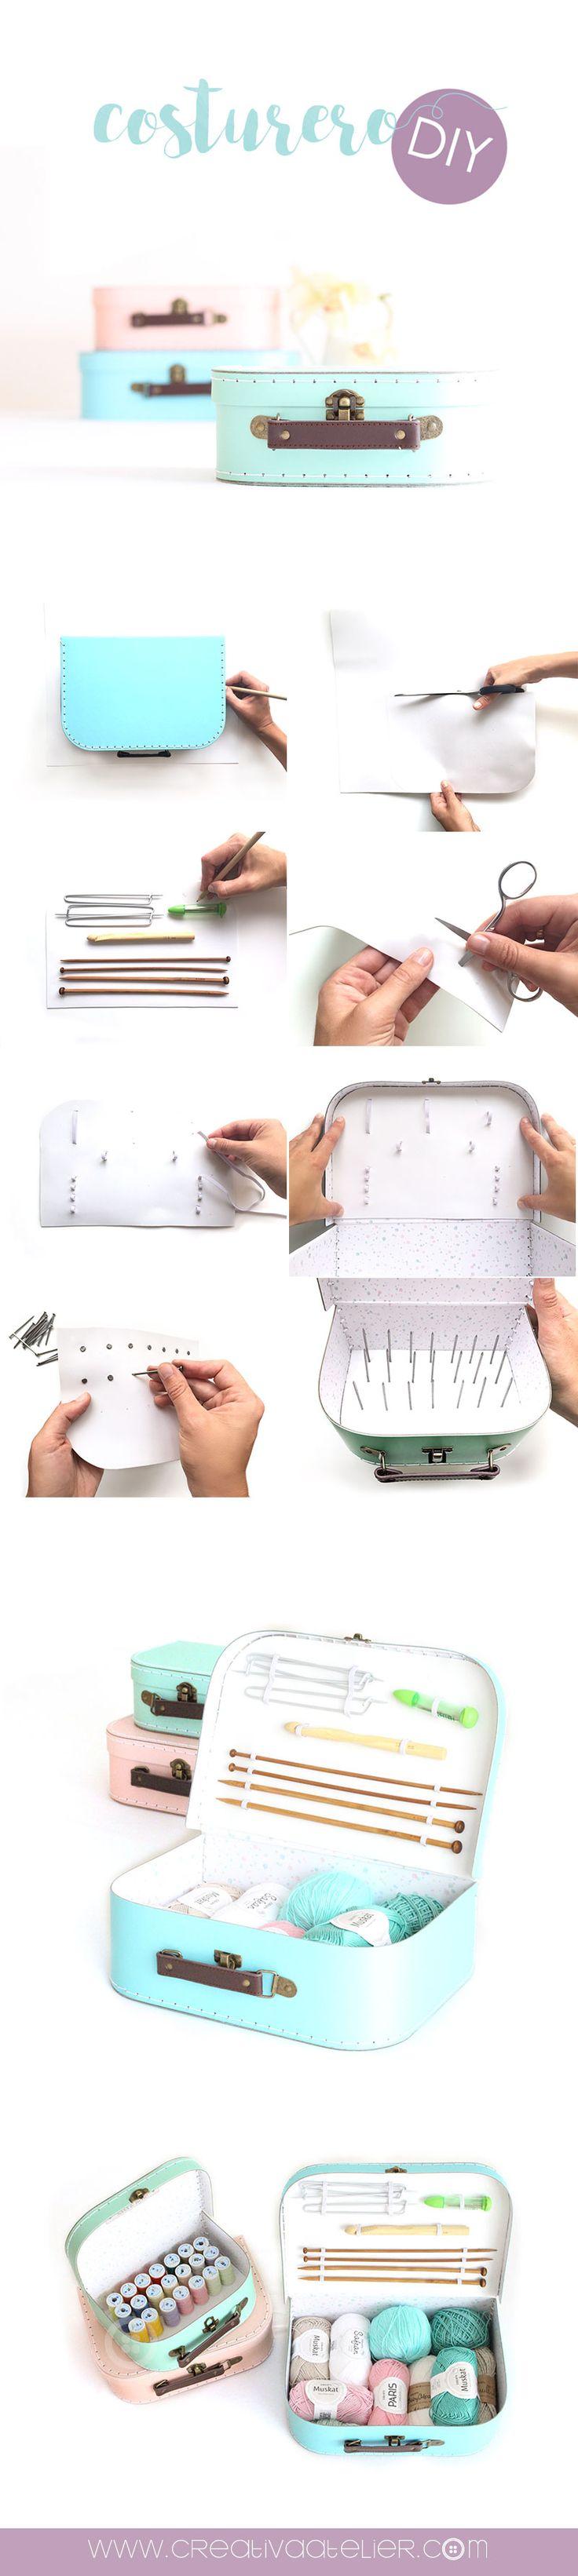 Cómo Hacer un Costurero DIY de Maletitas de Cartón